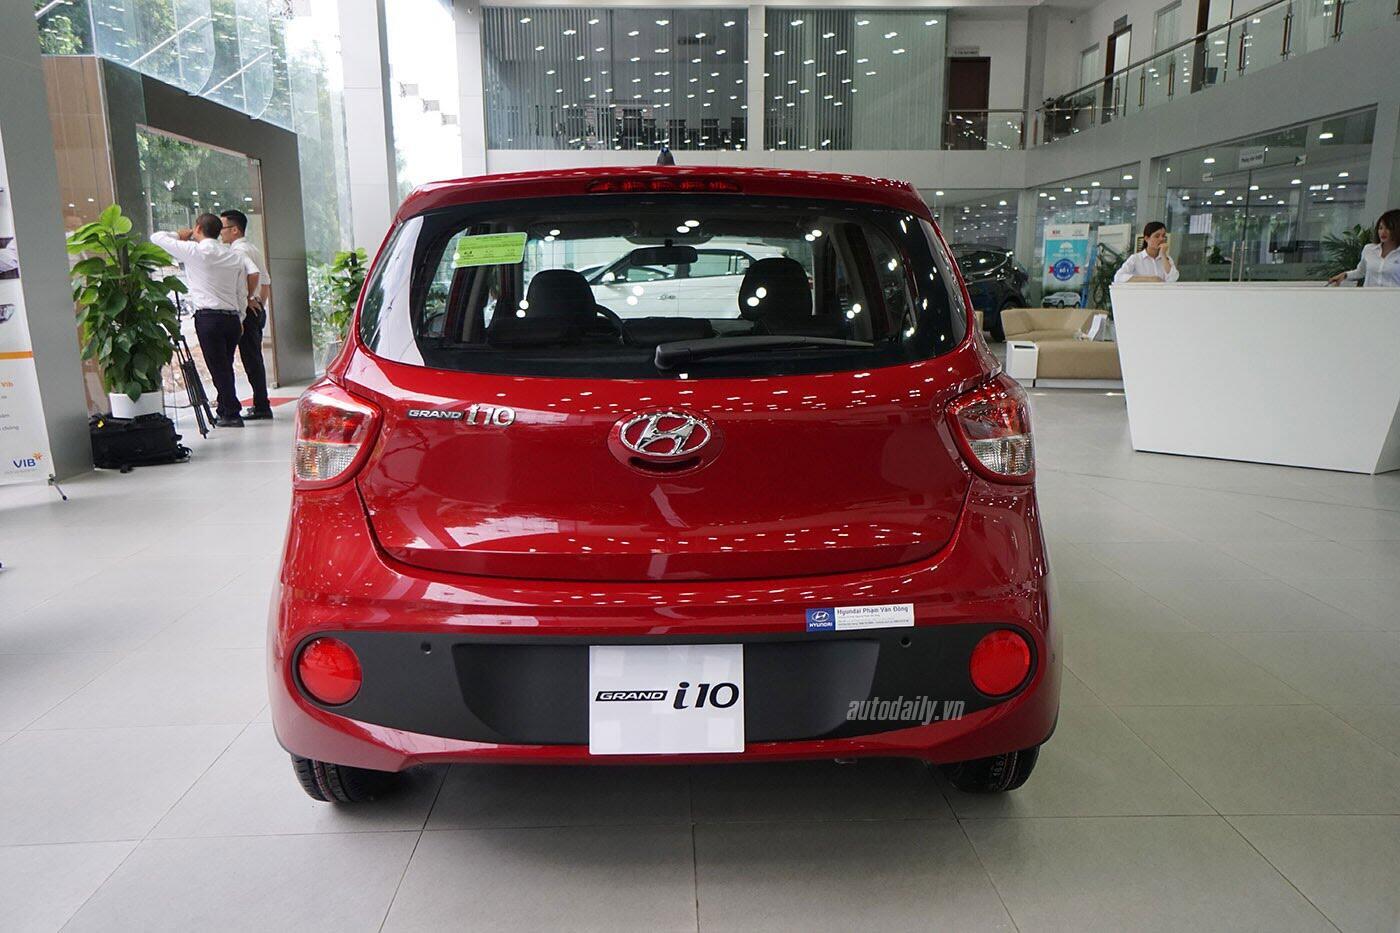 Có 400 triệu đồng, mua Hyundai Grand i10 hay Kia Morning? - Hình 6